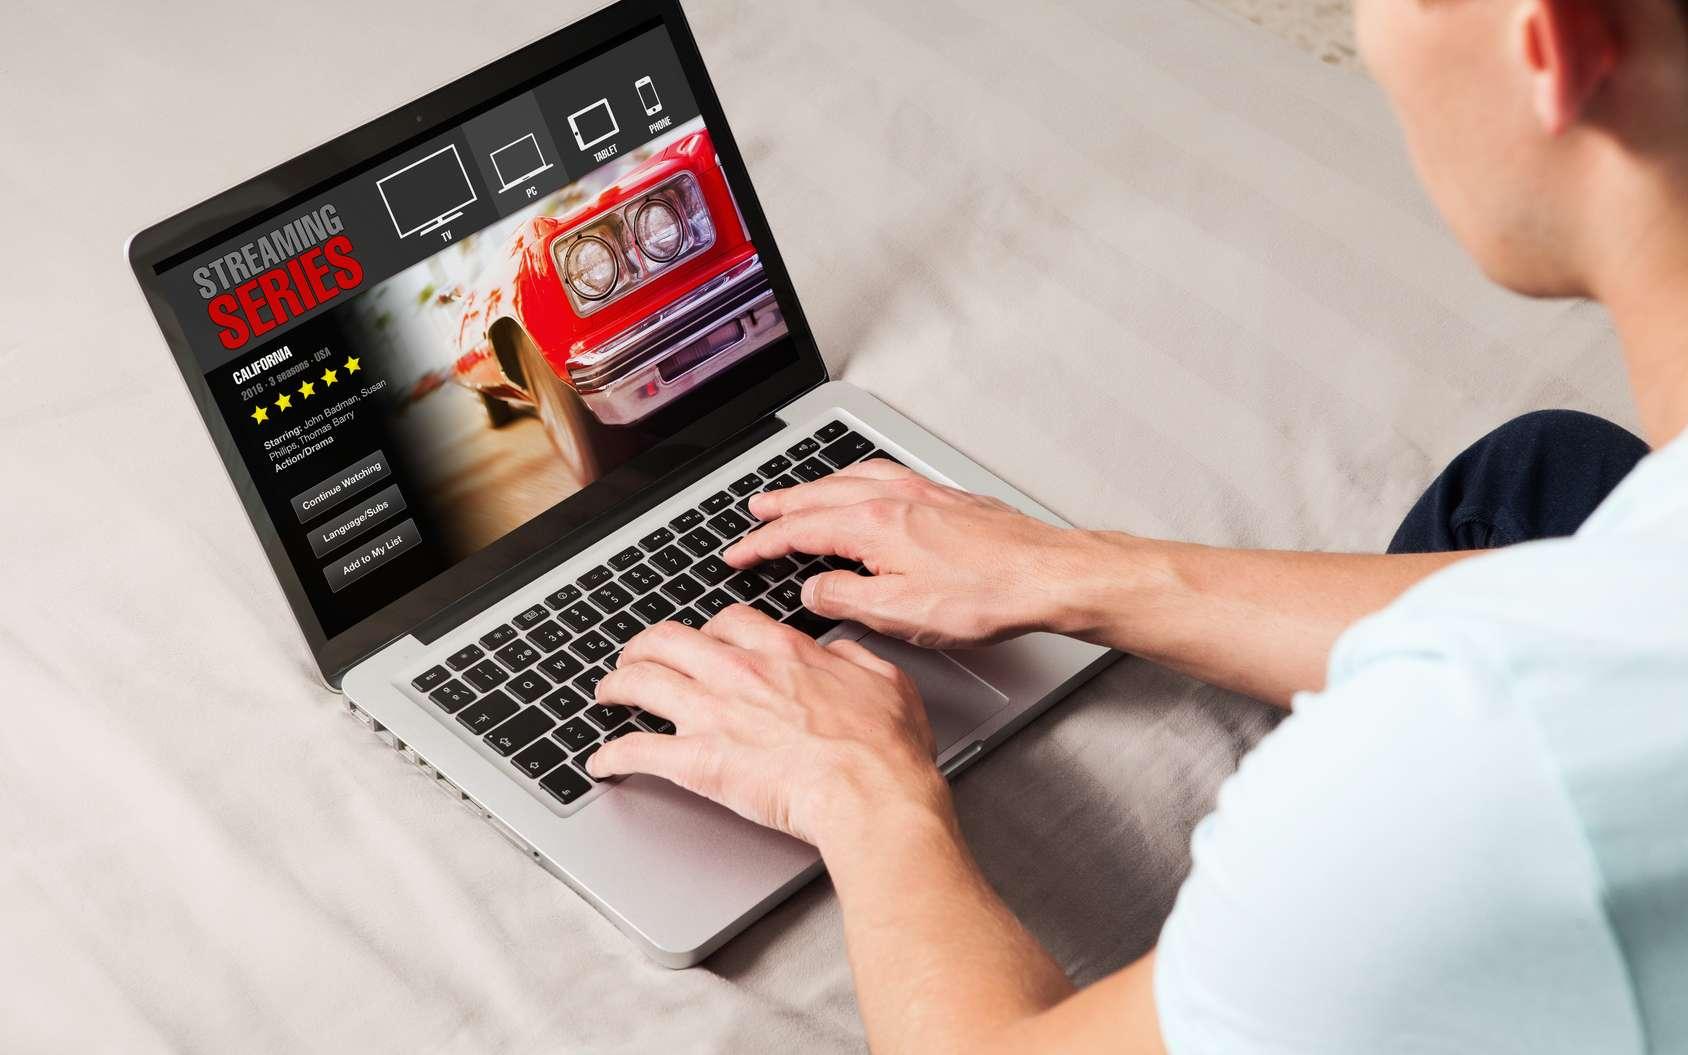 Netflix est le leader incontesté du streaming vidéo (SVOD). © daviles, fotolia